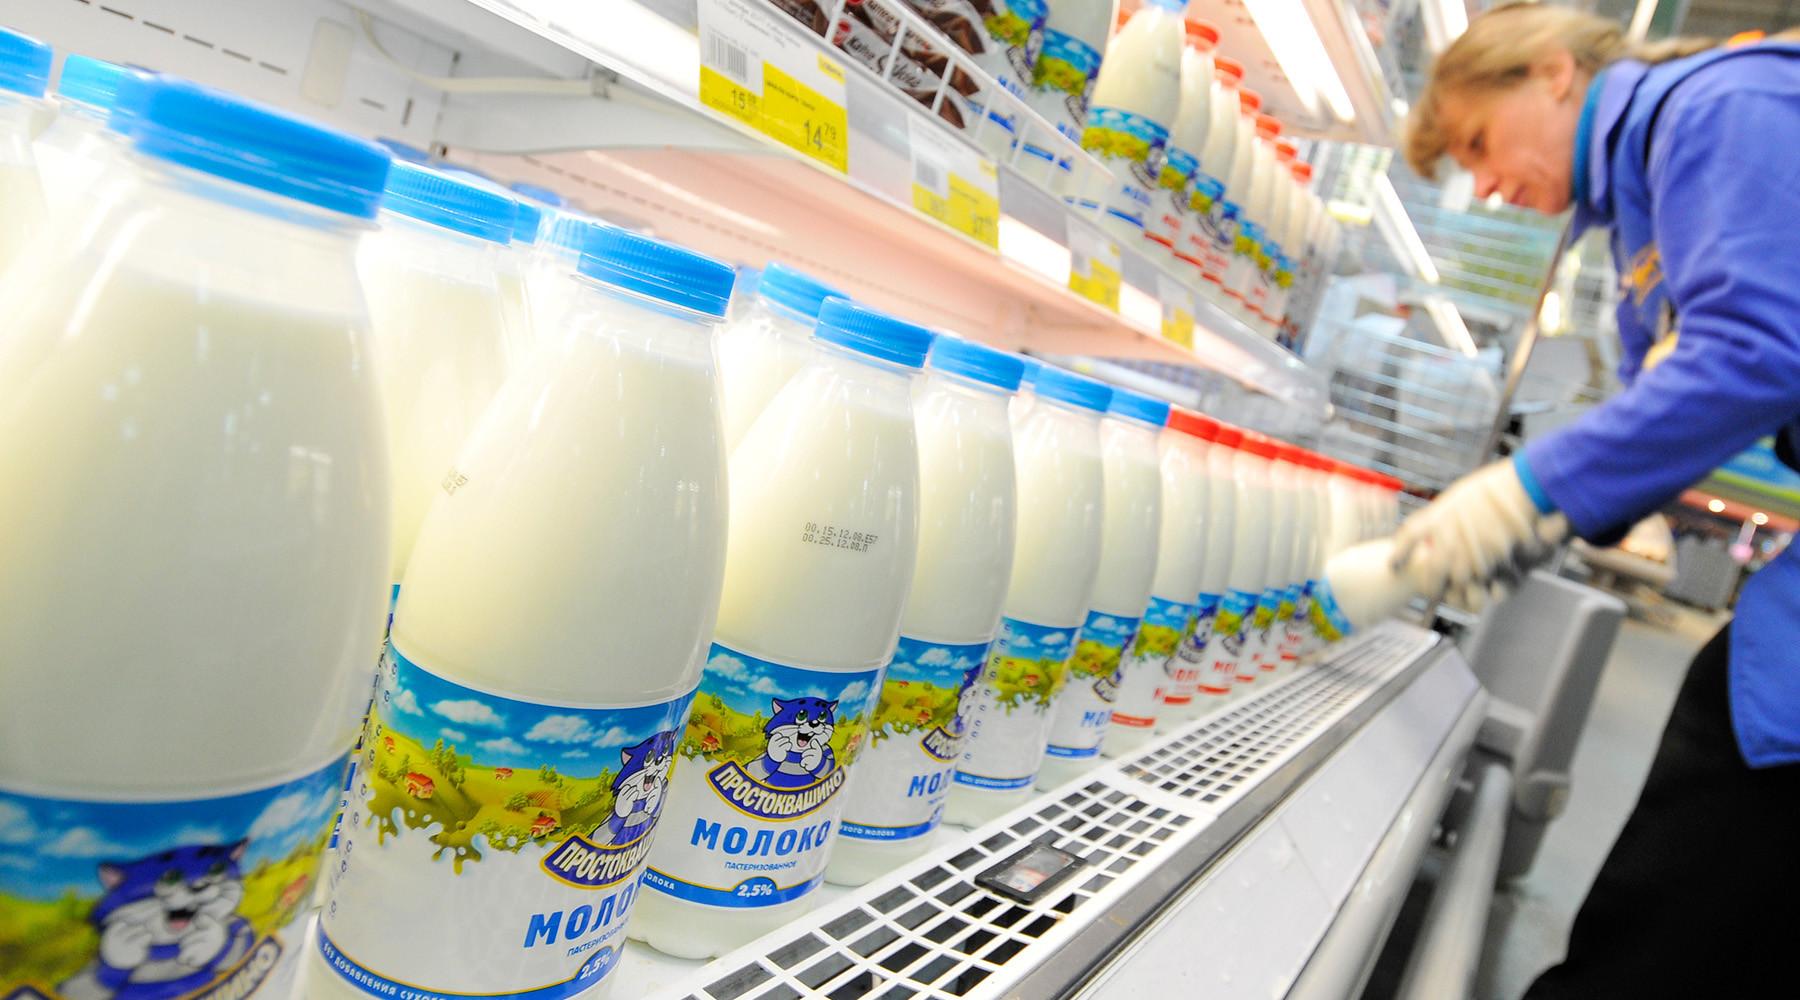 Россельхознадзор и Danone готовы судиться из-за антибиотиков в молоке